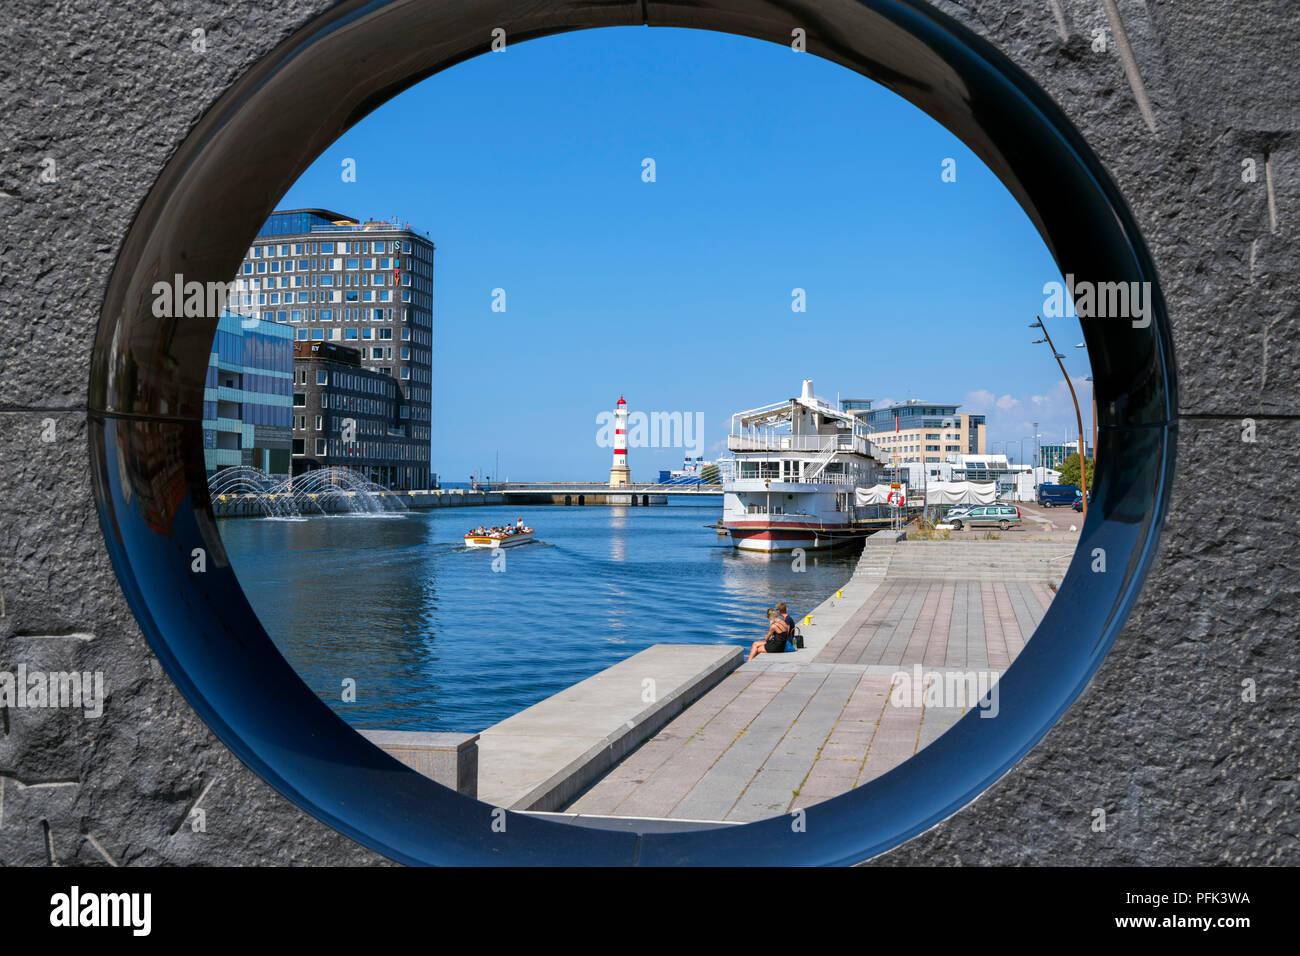 Malmö, Schweden. Hafen gesehen durch eine Skulptur an der Waterfront, Malmö, Scania, Schweden Stockbild